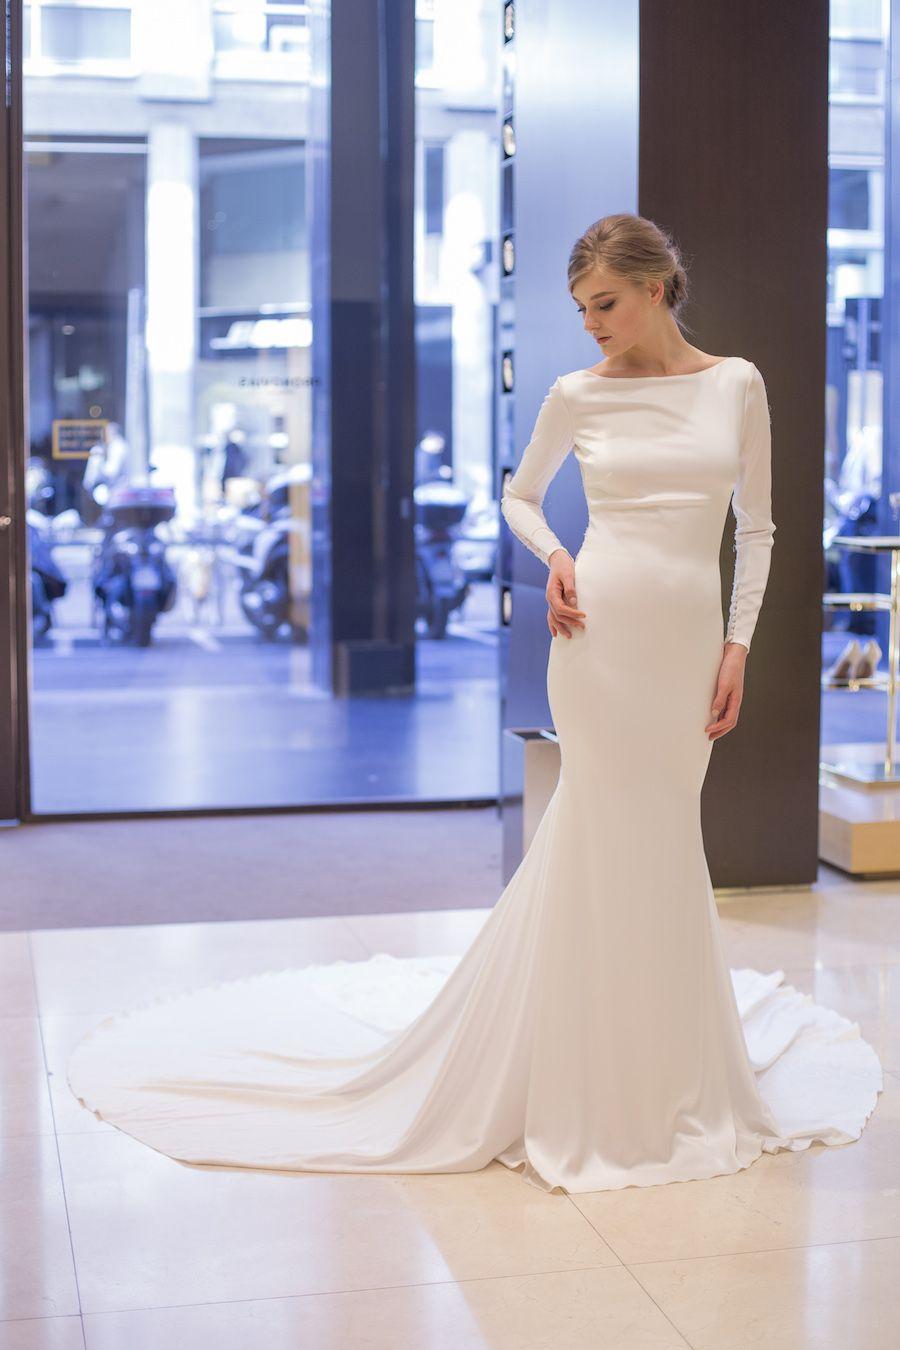 Pochi giorni fa Pronovias ha presentato le pre-collezioni sposa 2018 al  flagship store di Milano  io naturalmente non potevo mancare! 81a456f95b0